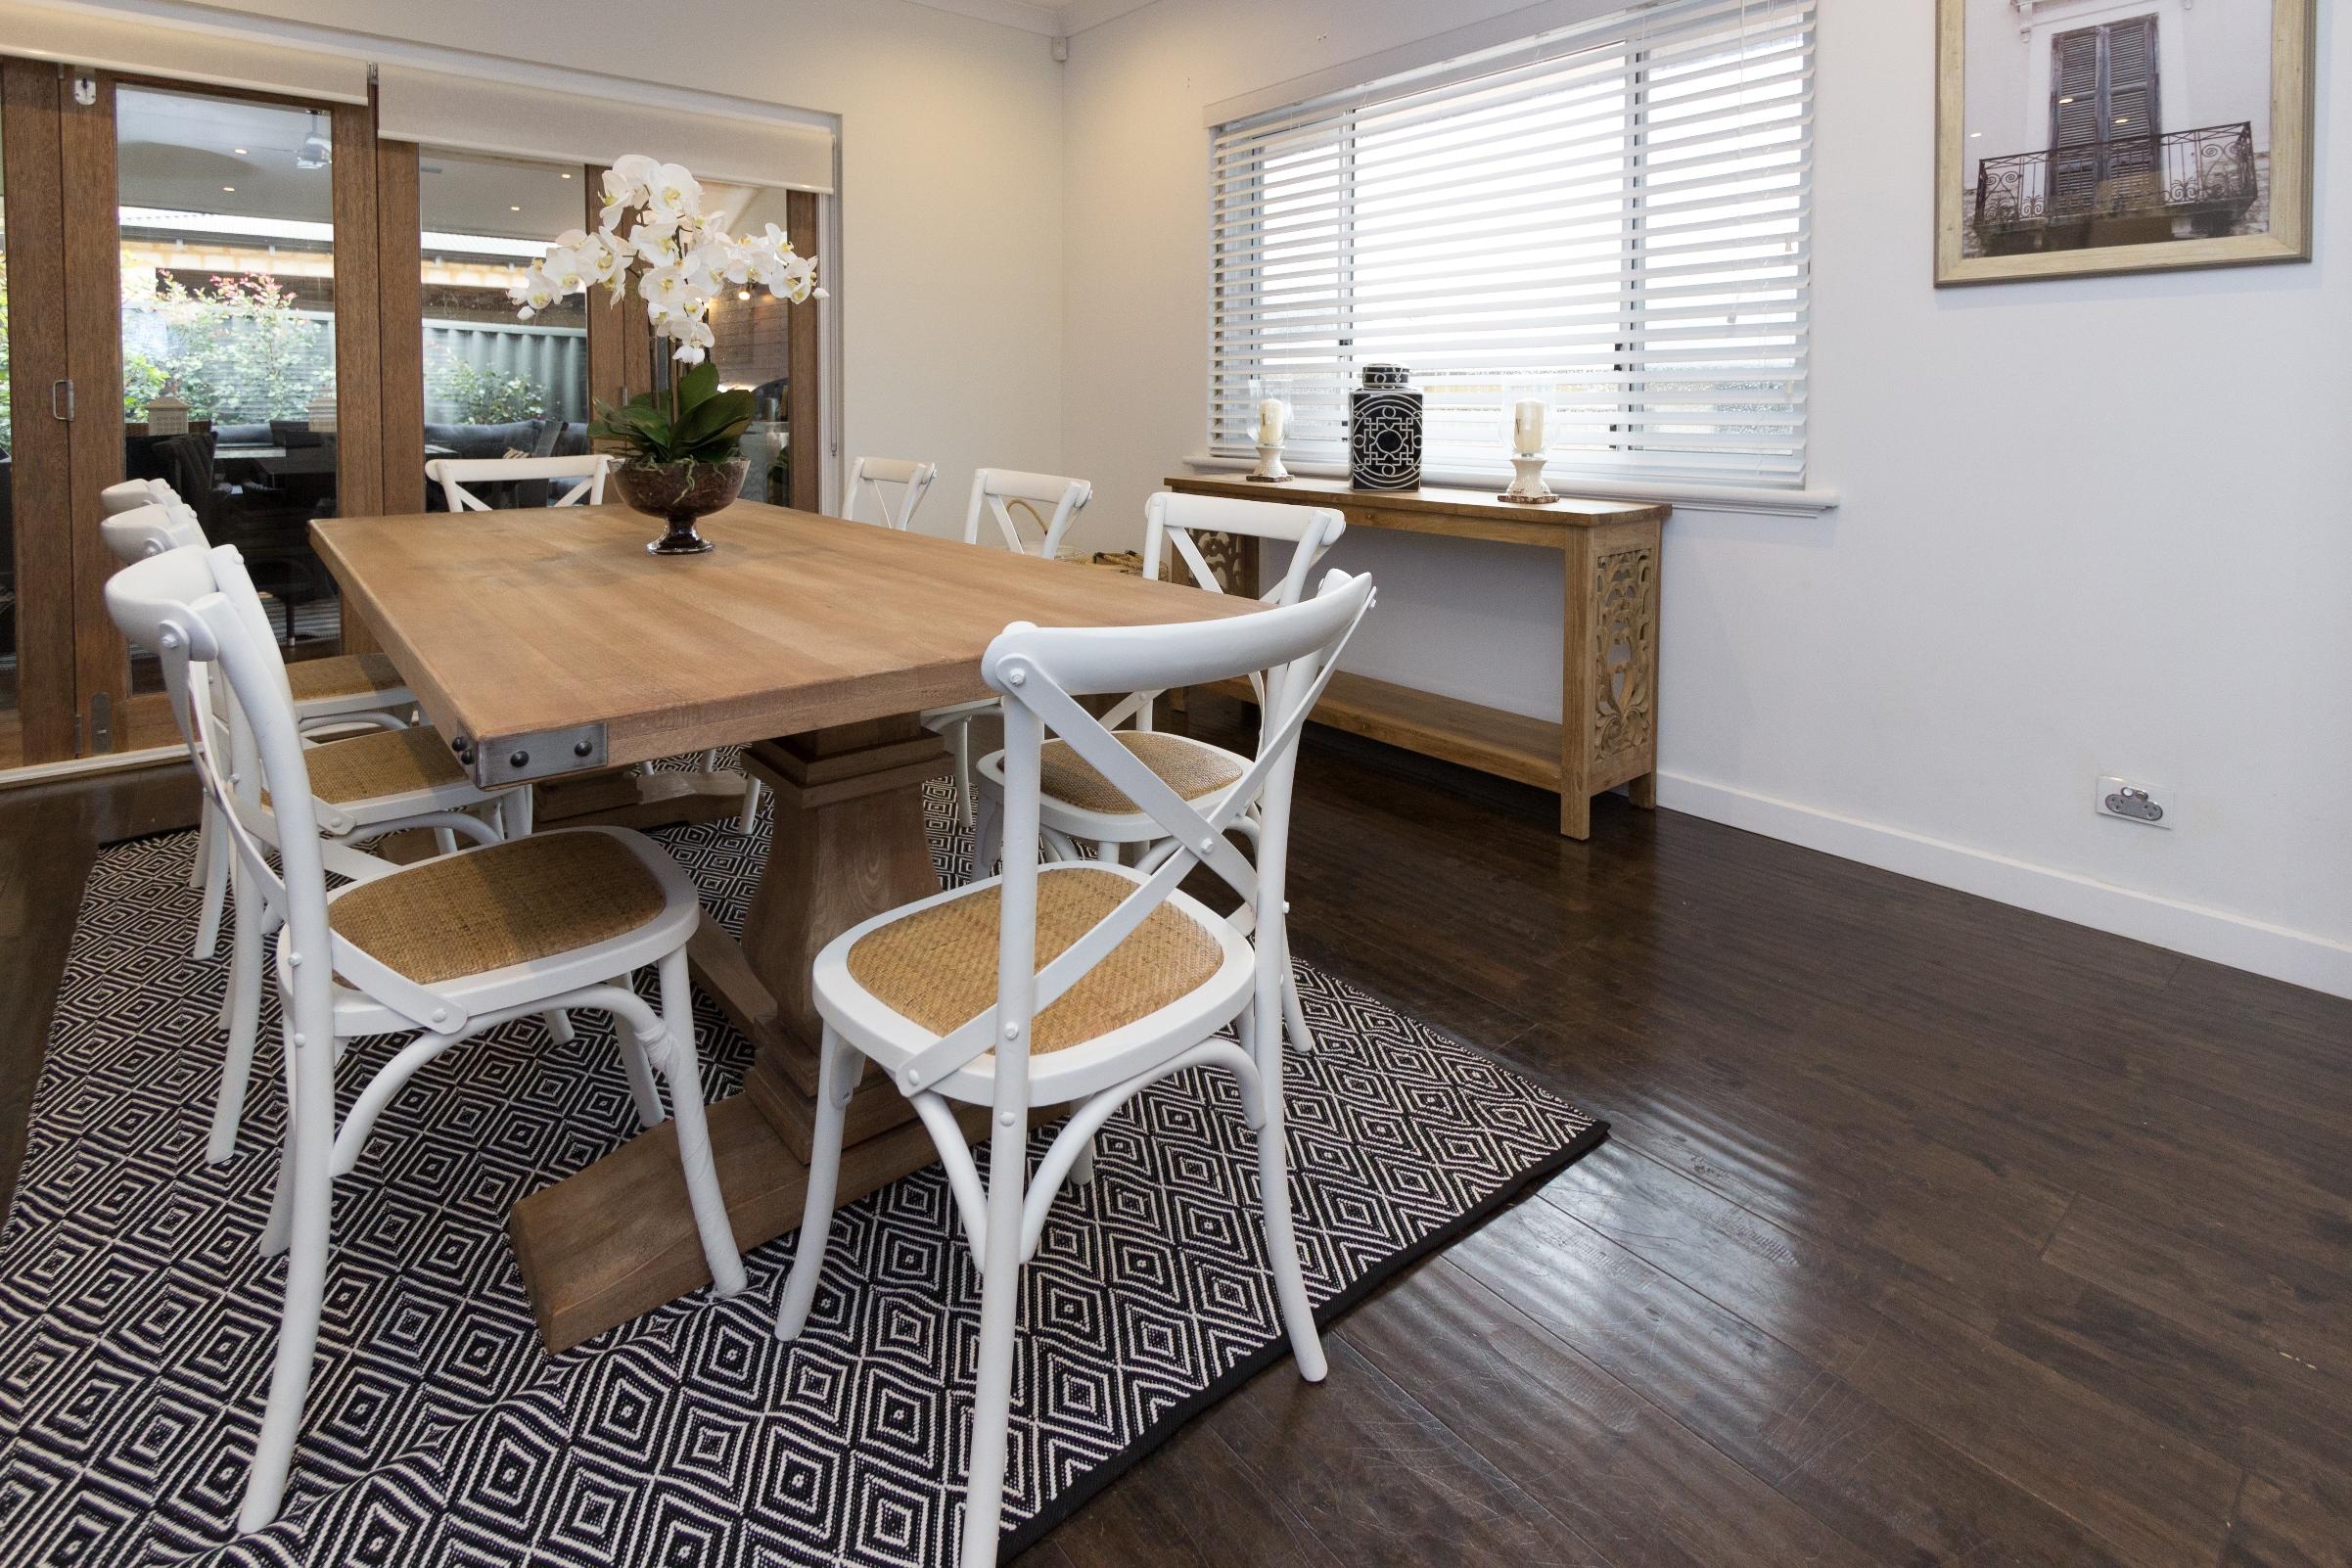 Cross Back Chair in White – Veranda Home & Garden